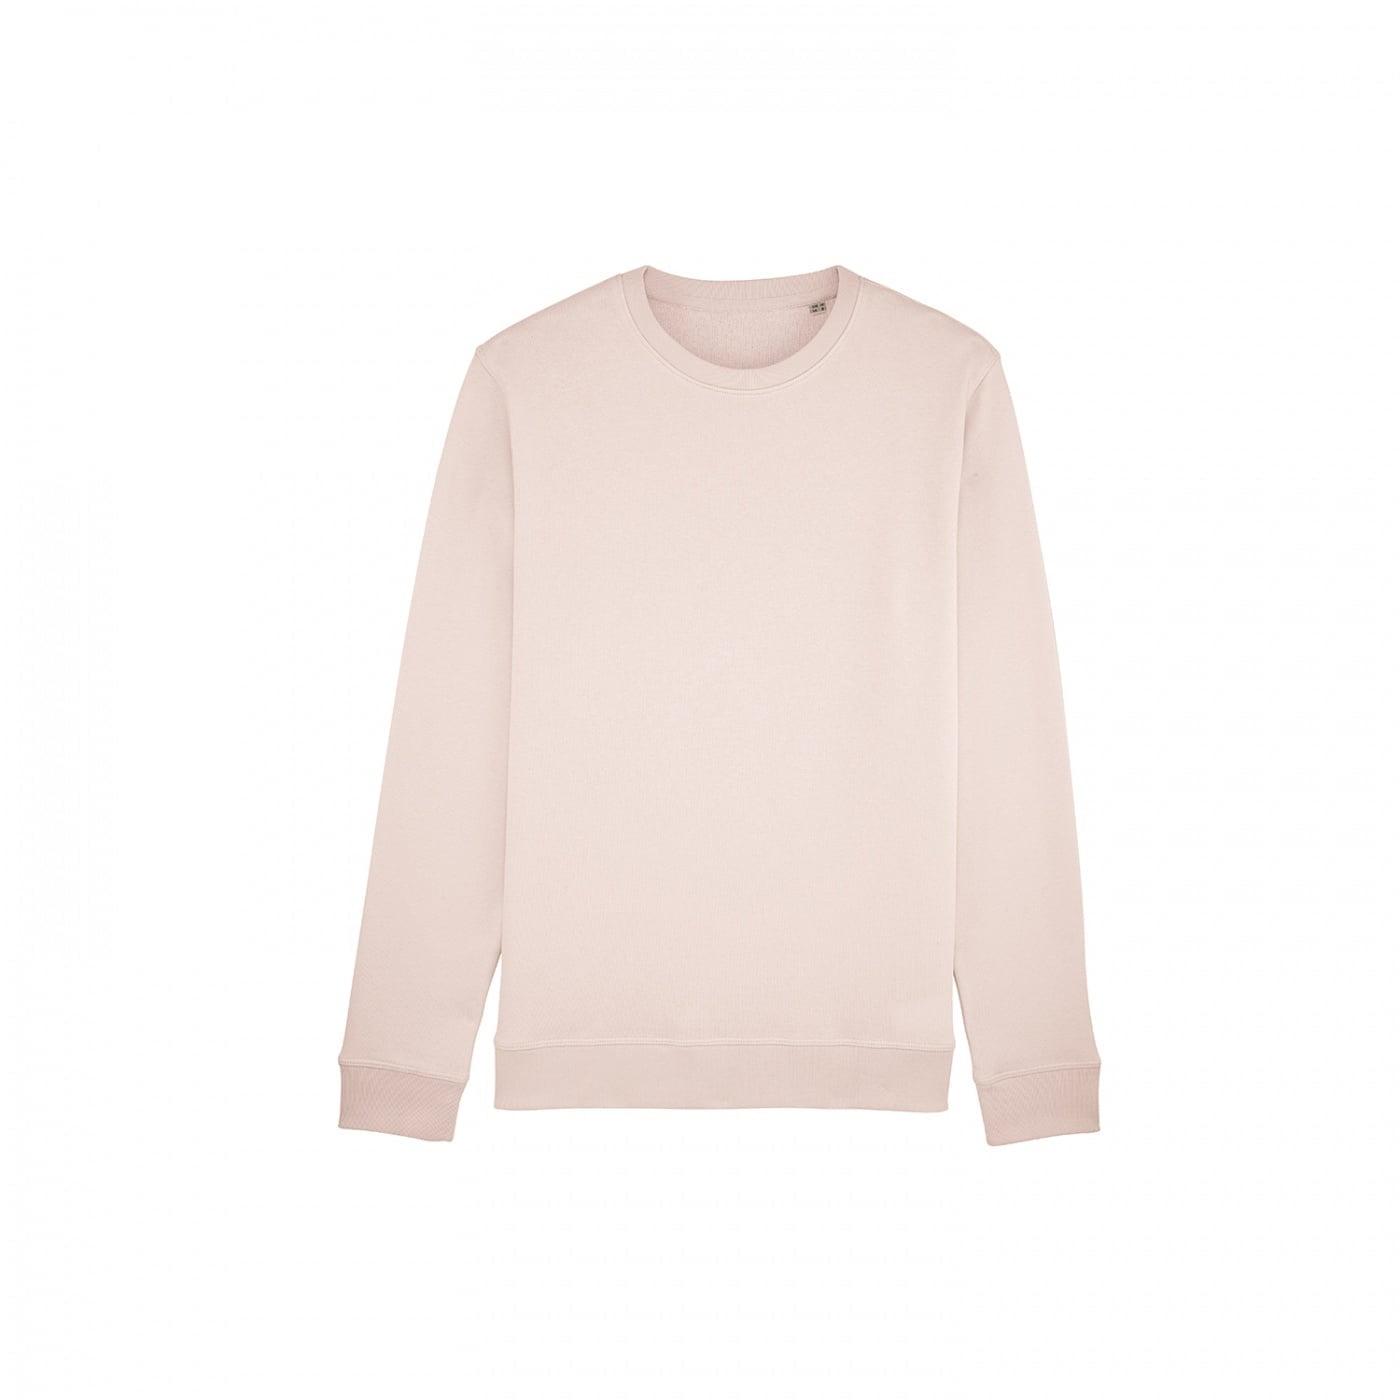 Bluzy - Bluza Crewneck Rise - Stanley/Stella STSU811 - Candy Pink - RAVEN - koszulki reklamowe z nadrukiem, odzież reklamowa i gastronomiczna